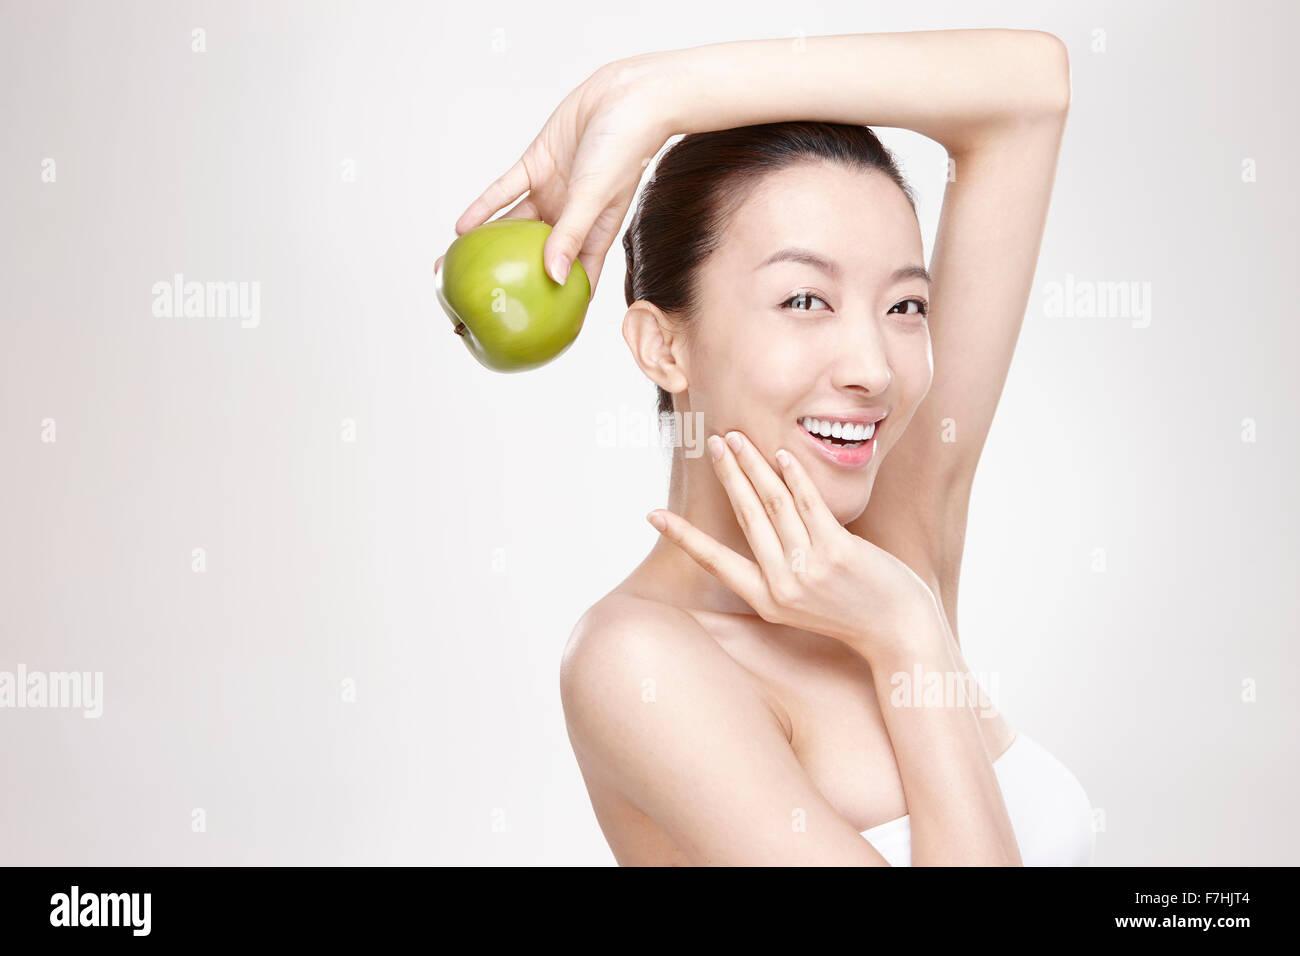 Eine lächelnde Frau hält einen grünen Apfel Stockbild